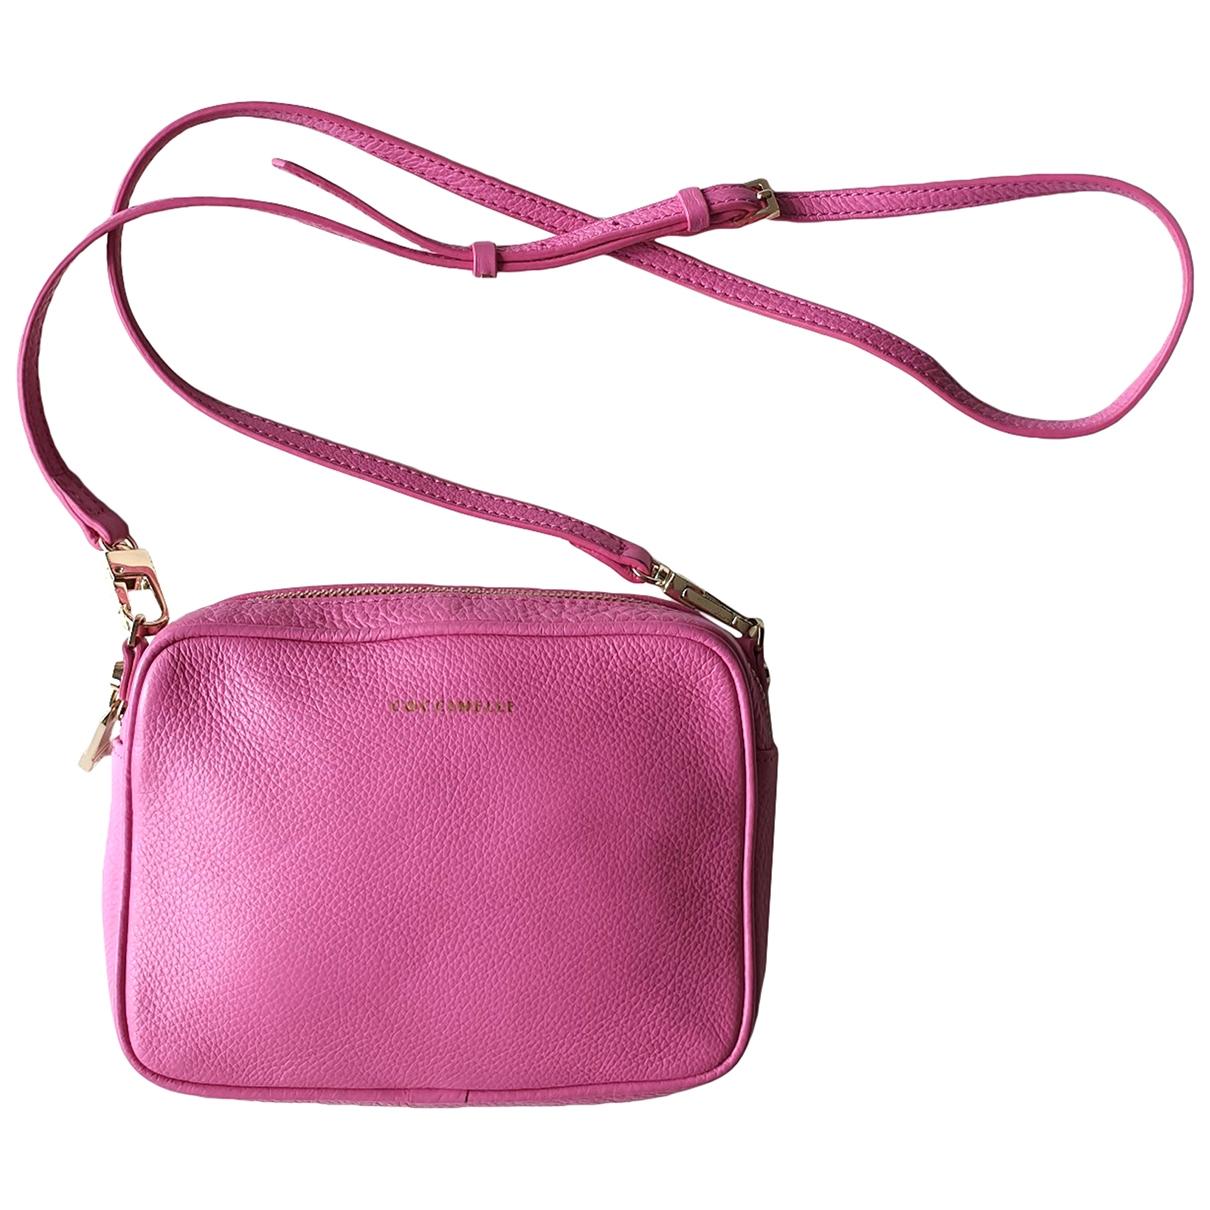 Coccinelle \N Handtasche in  Rosa Leder